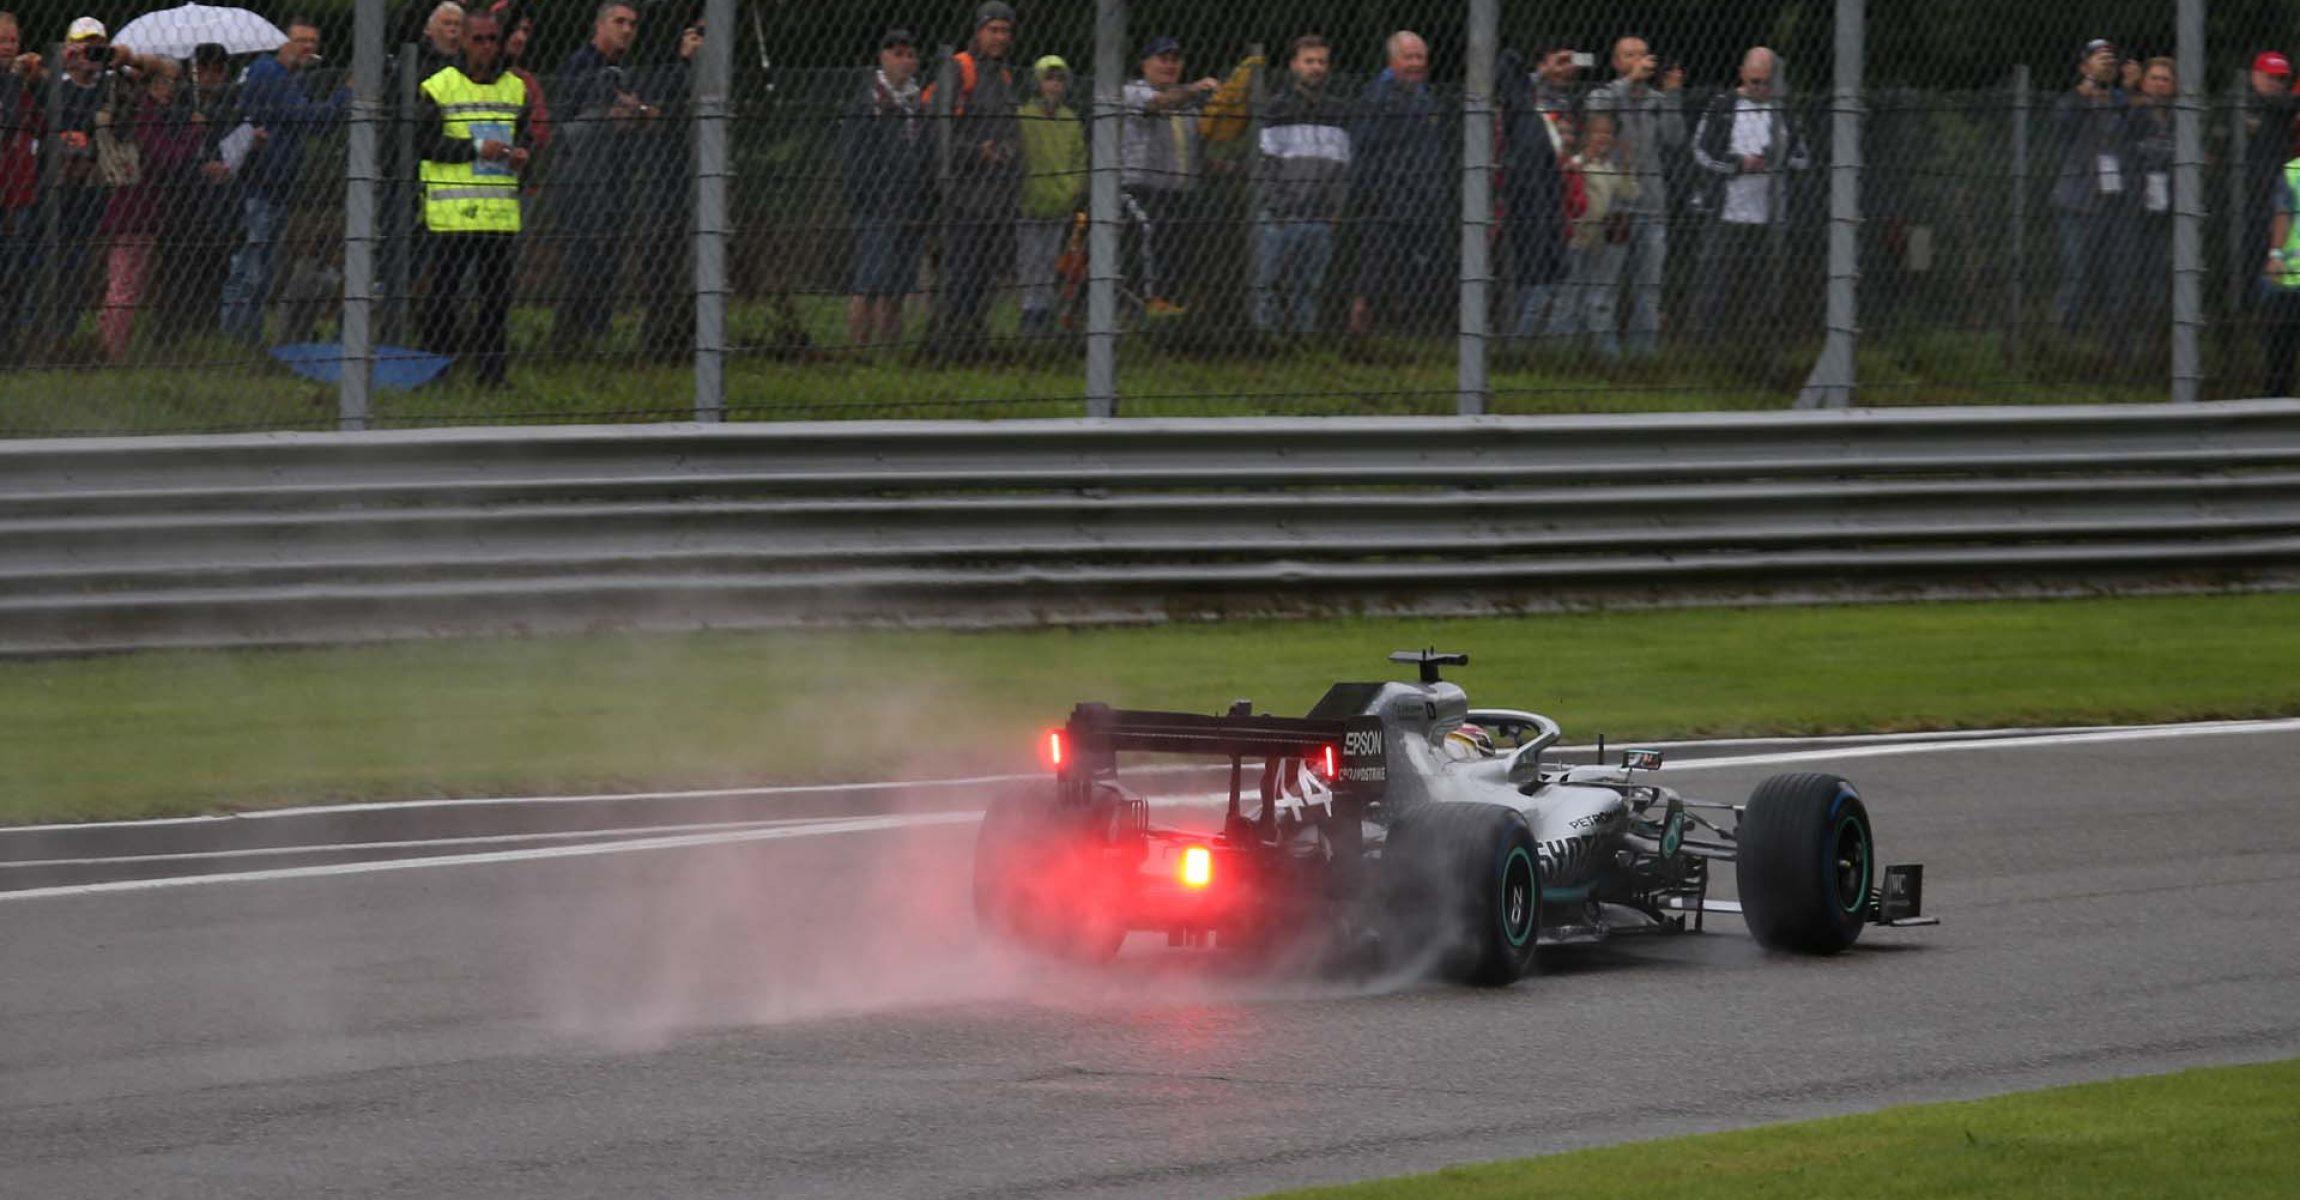 Italy, Italian Grand Prix 2019, Monza,  Lewis Hamilton, Mercedes, wet, rain, intermediate